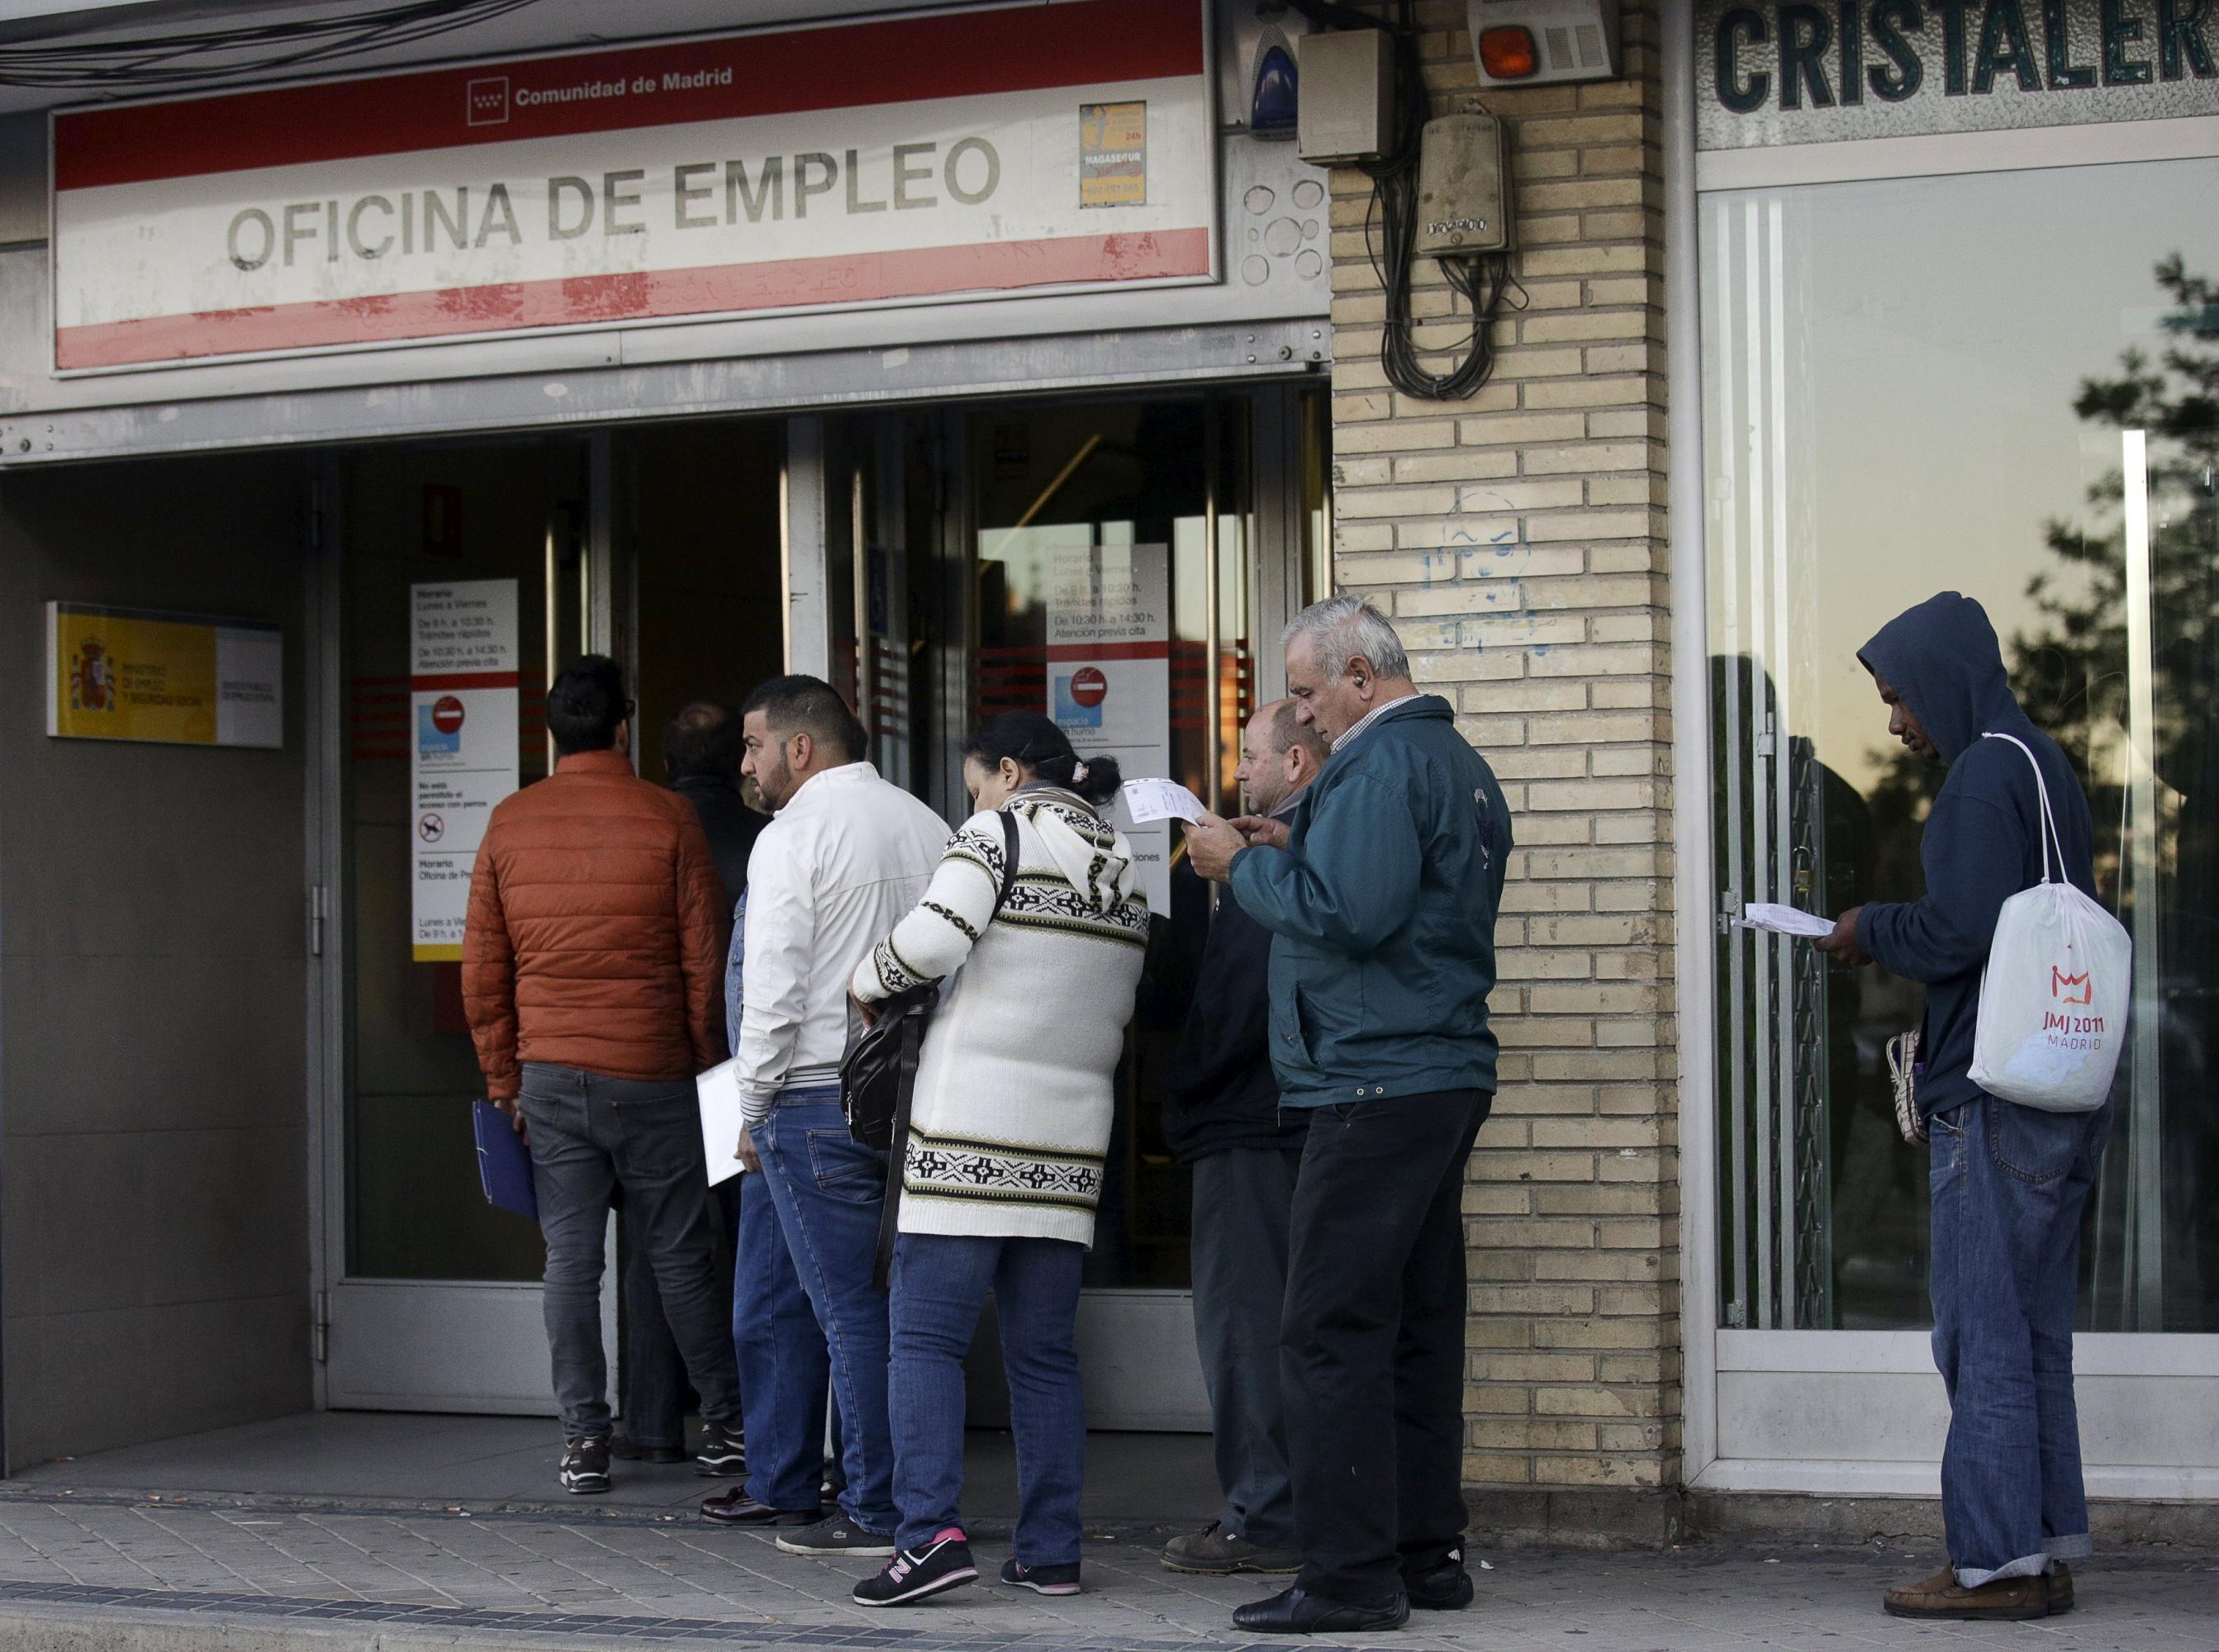 Casi el 42 de los desempleados no cobra prestaci n p blico for Oficina recaudacion madrid